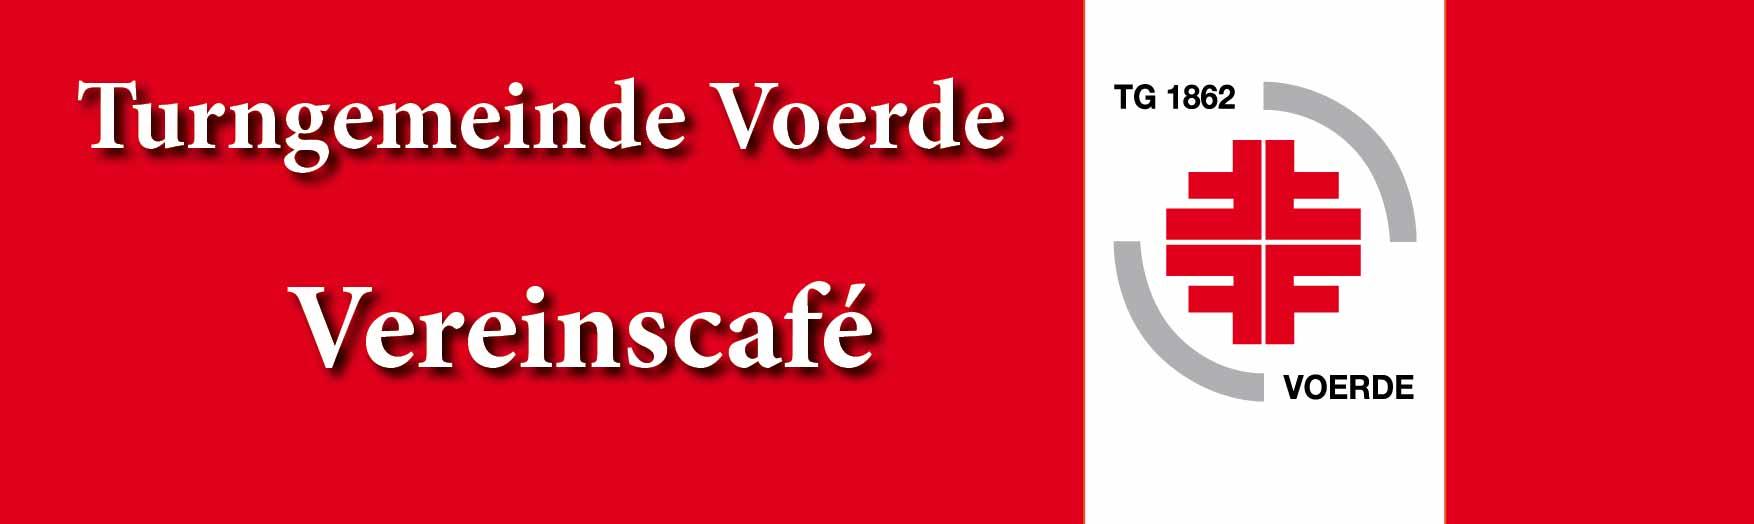 Vereinscafe_banner_web